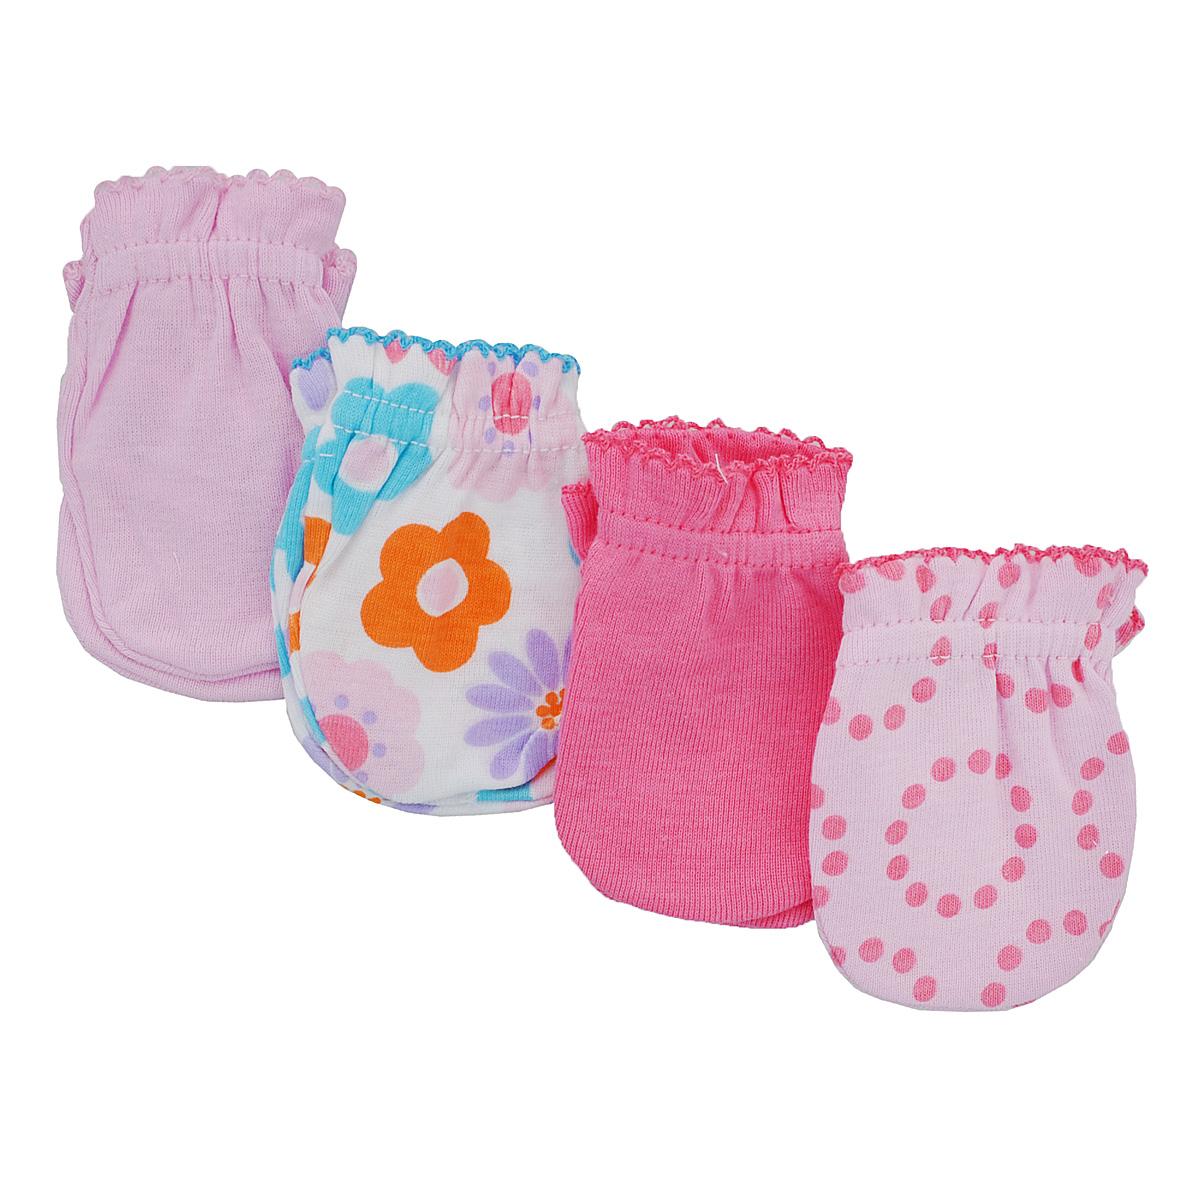 Рукавички для новорожденного Luvable Friends, цвет: розовый, белый, 4 пары. 34711. Размер 55/67, 0-6 месяцев34711Рукавички для новорожденного Luvable Friends, изготовленные из натурального хлопка, идеально подойдут вашему малышу и обеспечат ему комфорт во время сна и бодрствования, предохраняя нежную кожу новорожденного от расцарапывания.В комплект входят четыре пары рукавичек.